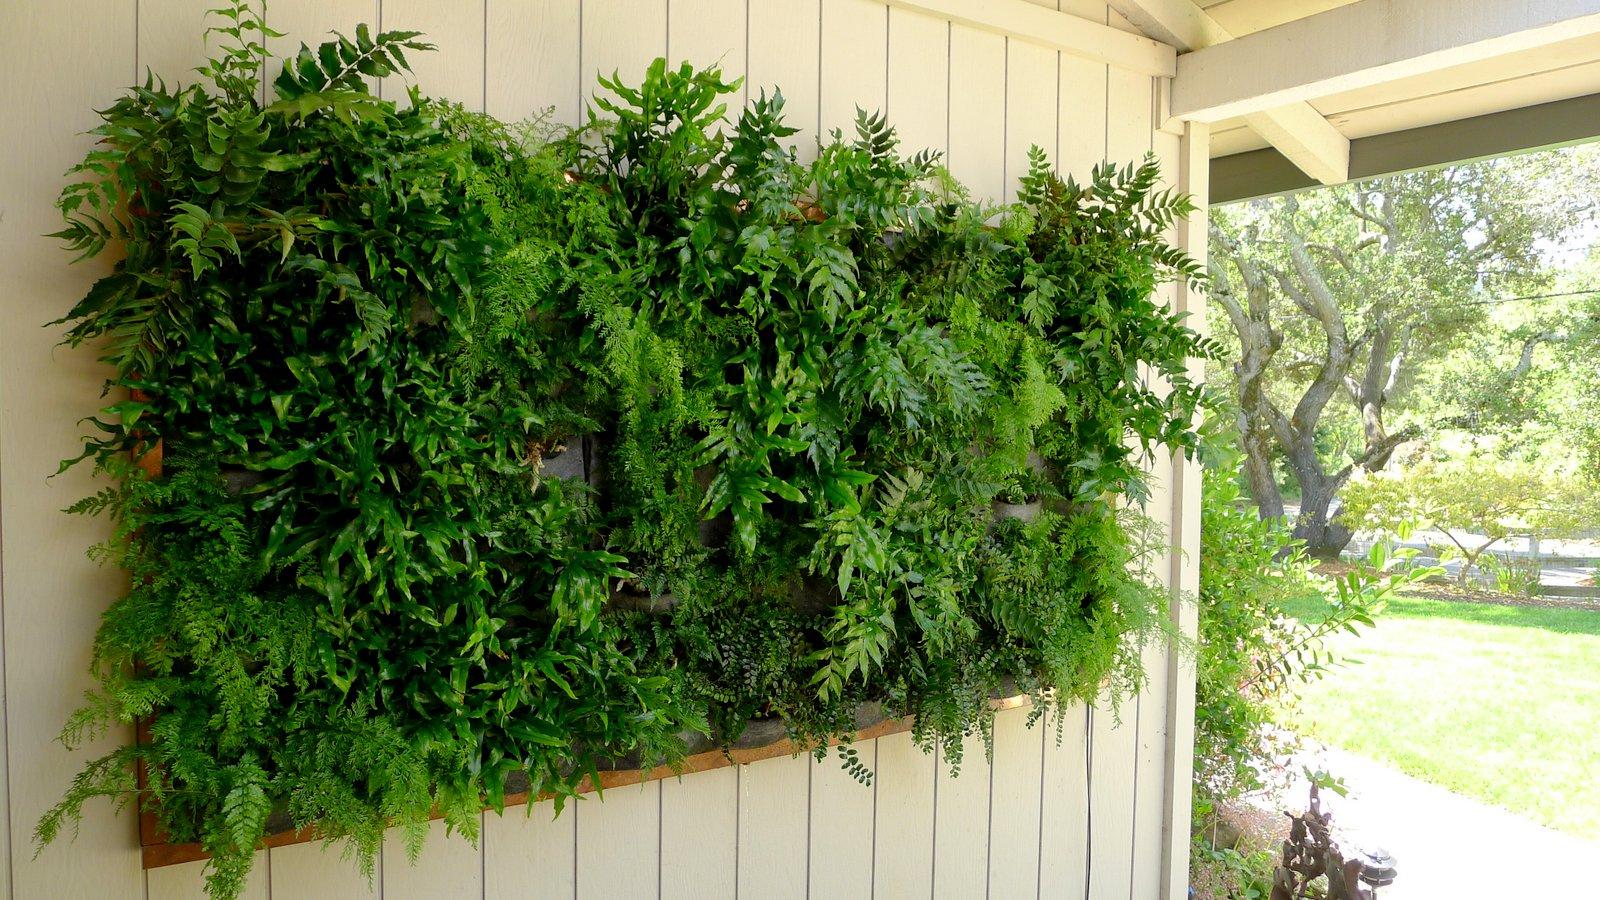 Copper Framed Fern Wall Florafelt Vertical Garden Systems